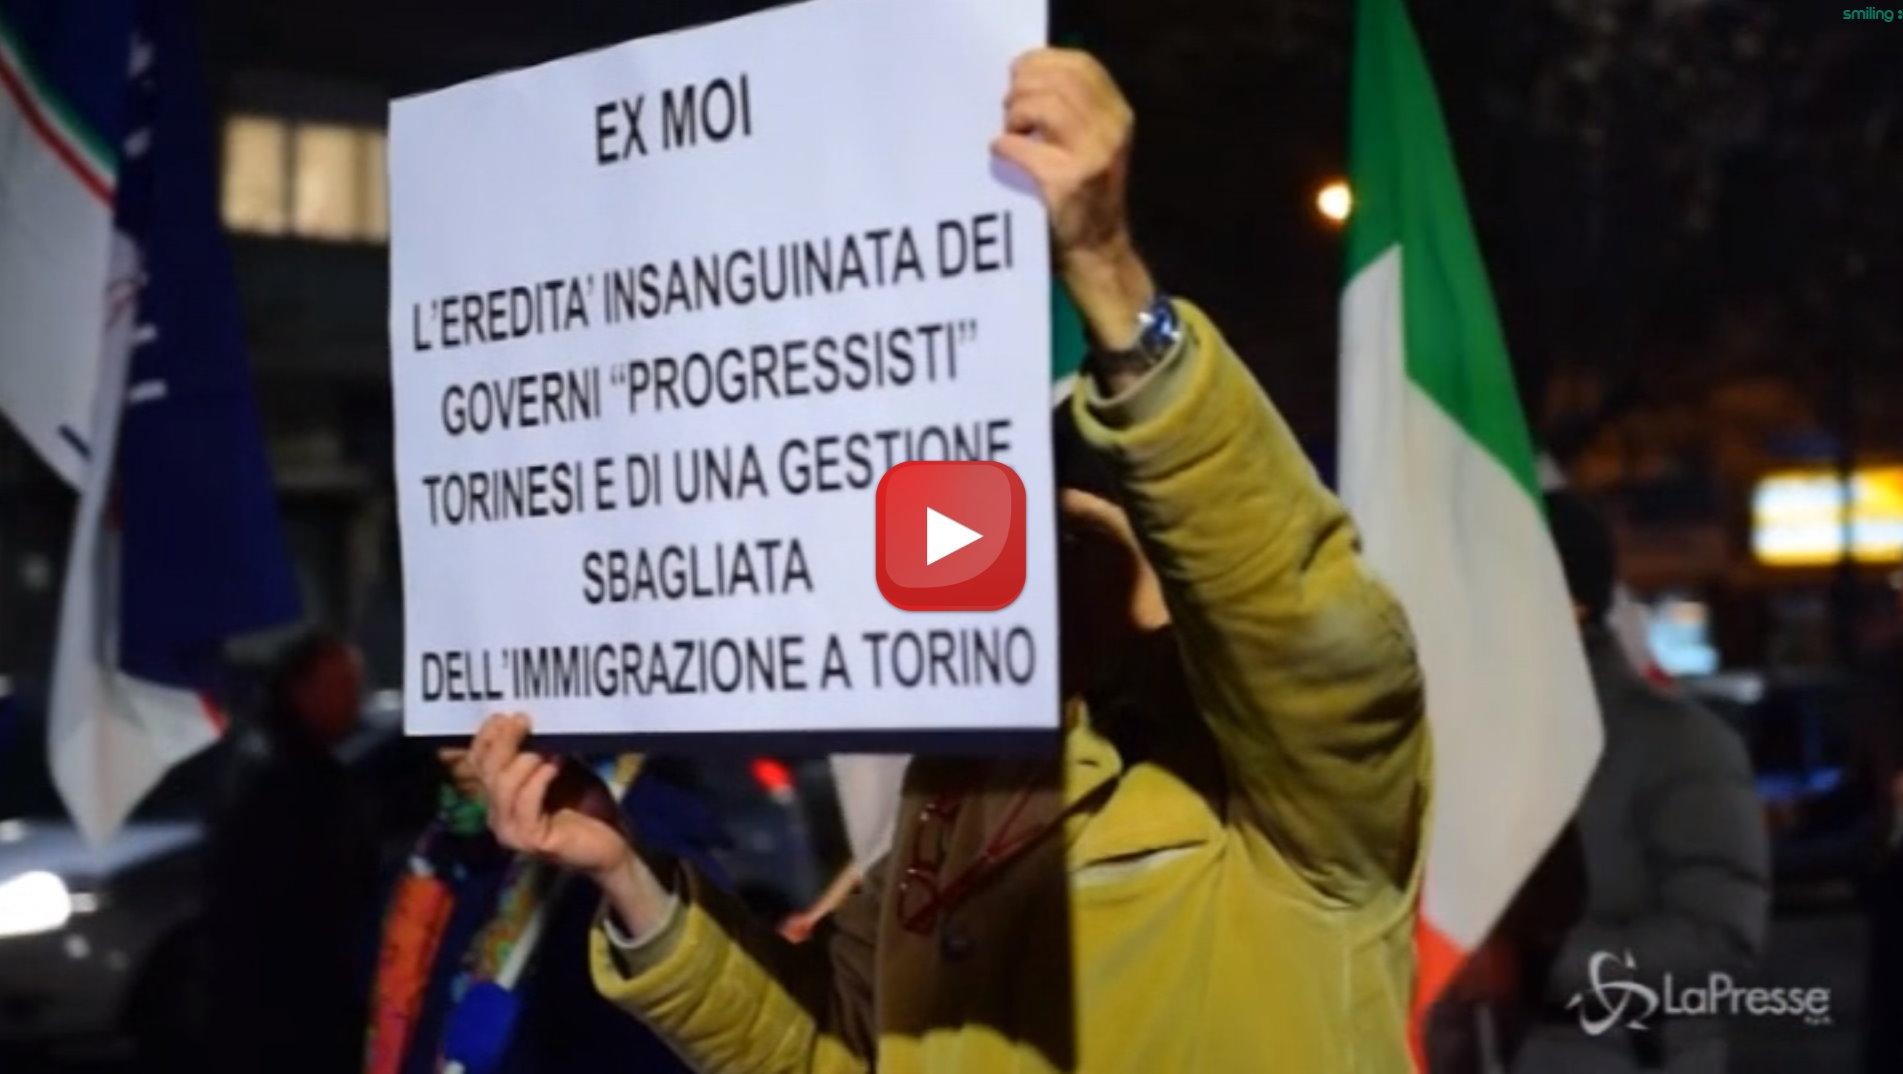 Torino, fiaccolata di Fratelli d'Italia per lo sgombero immediato dell'ex Moi